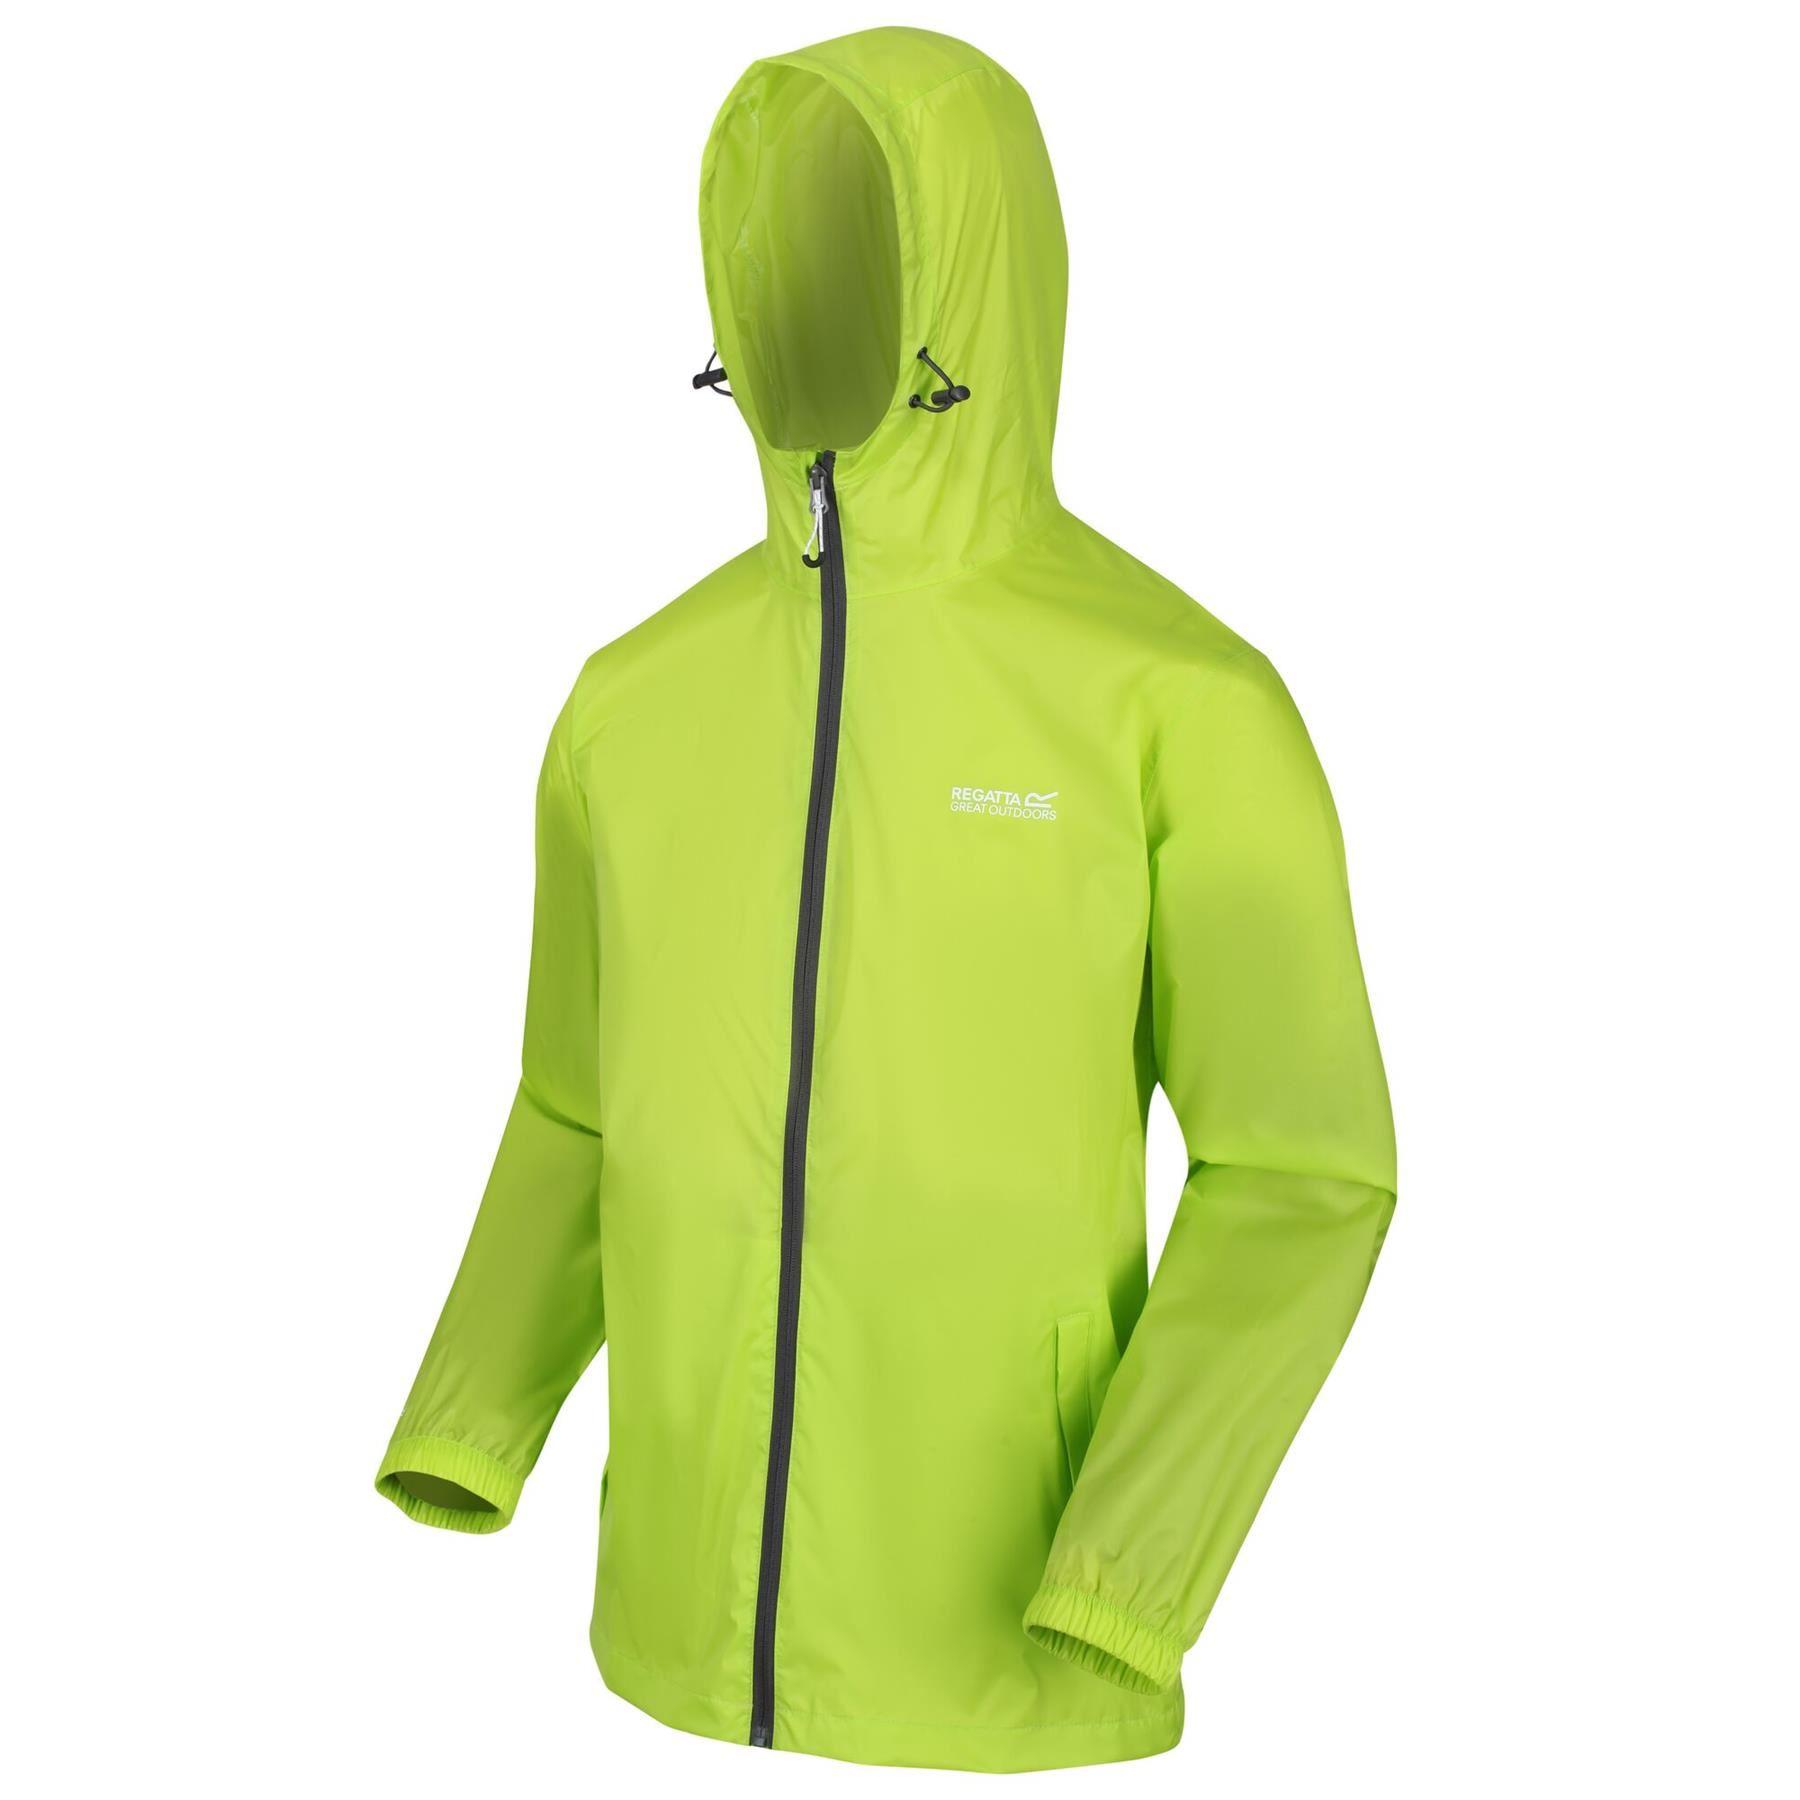 miniatuur 25 - Regatta Mens Pack-it In a bag Packable Waterproof Jacket Outdoor Pack a mac